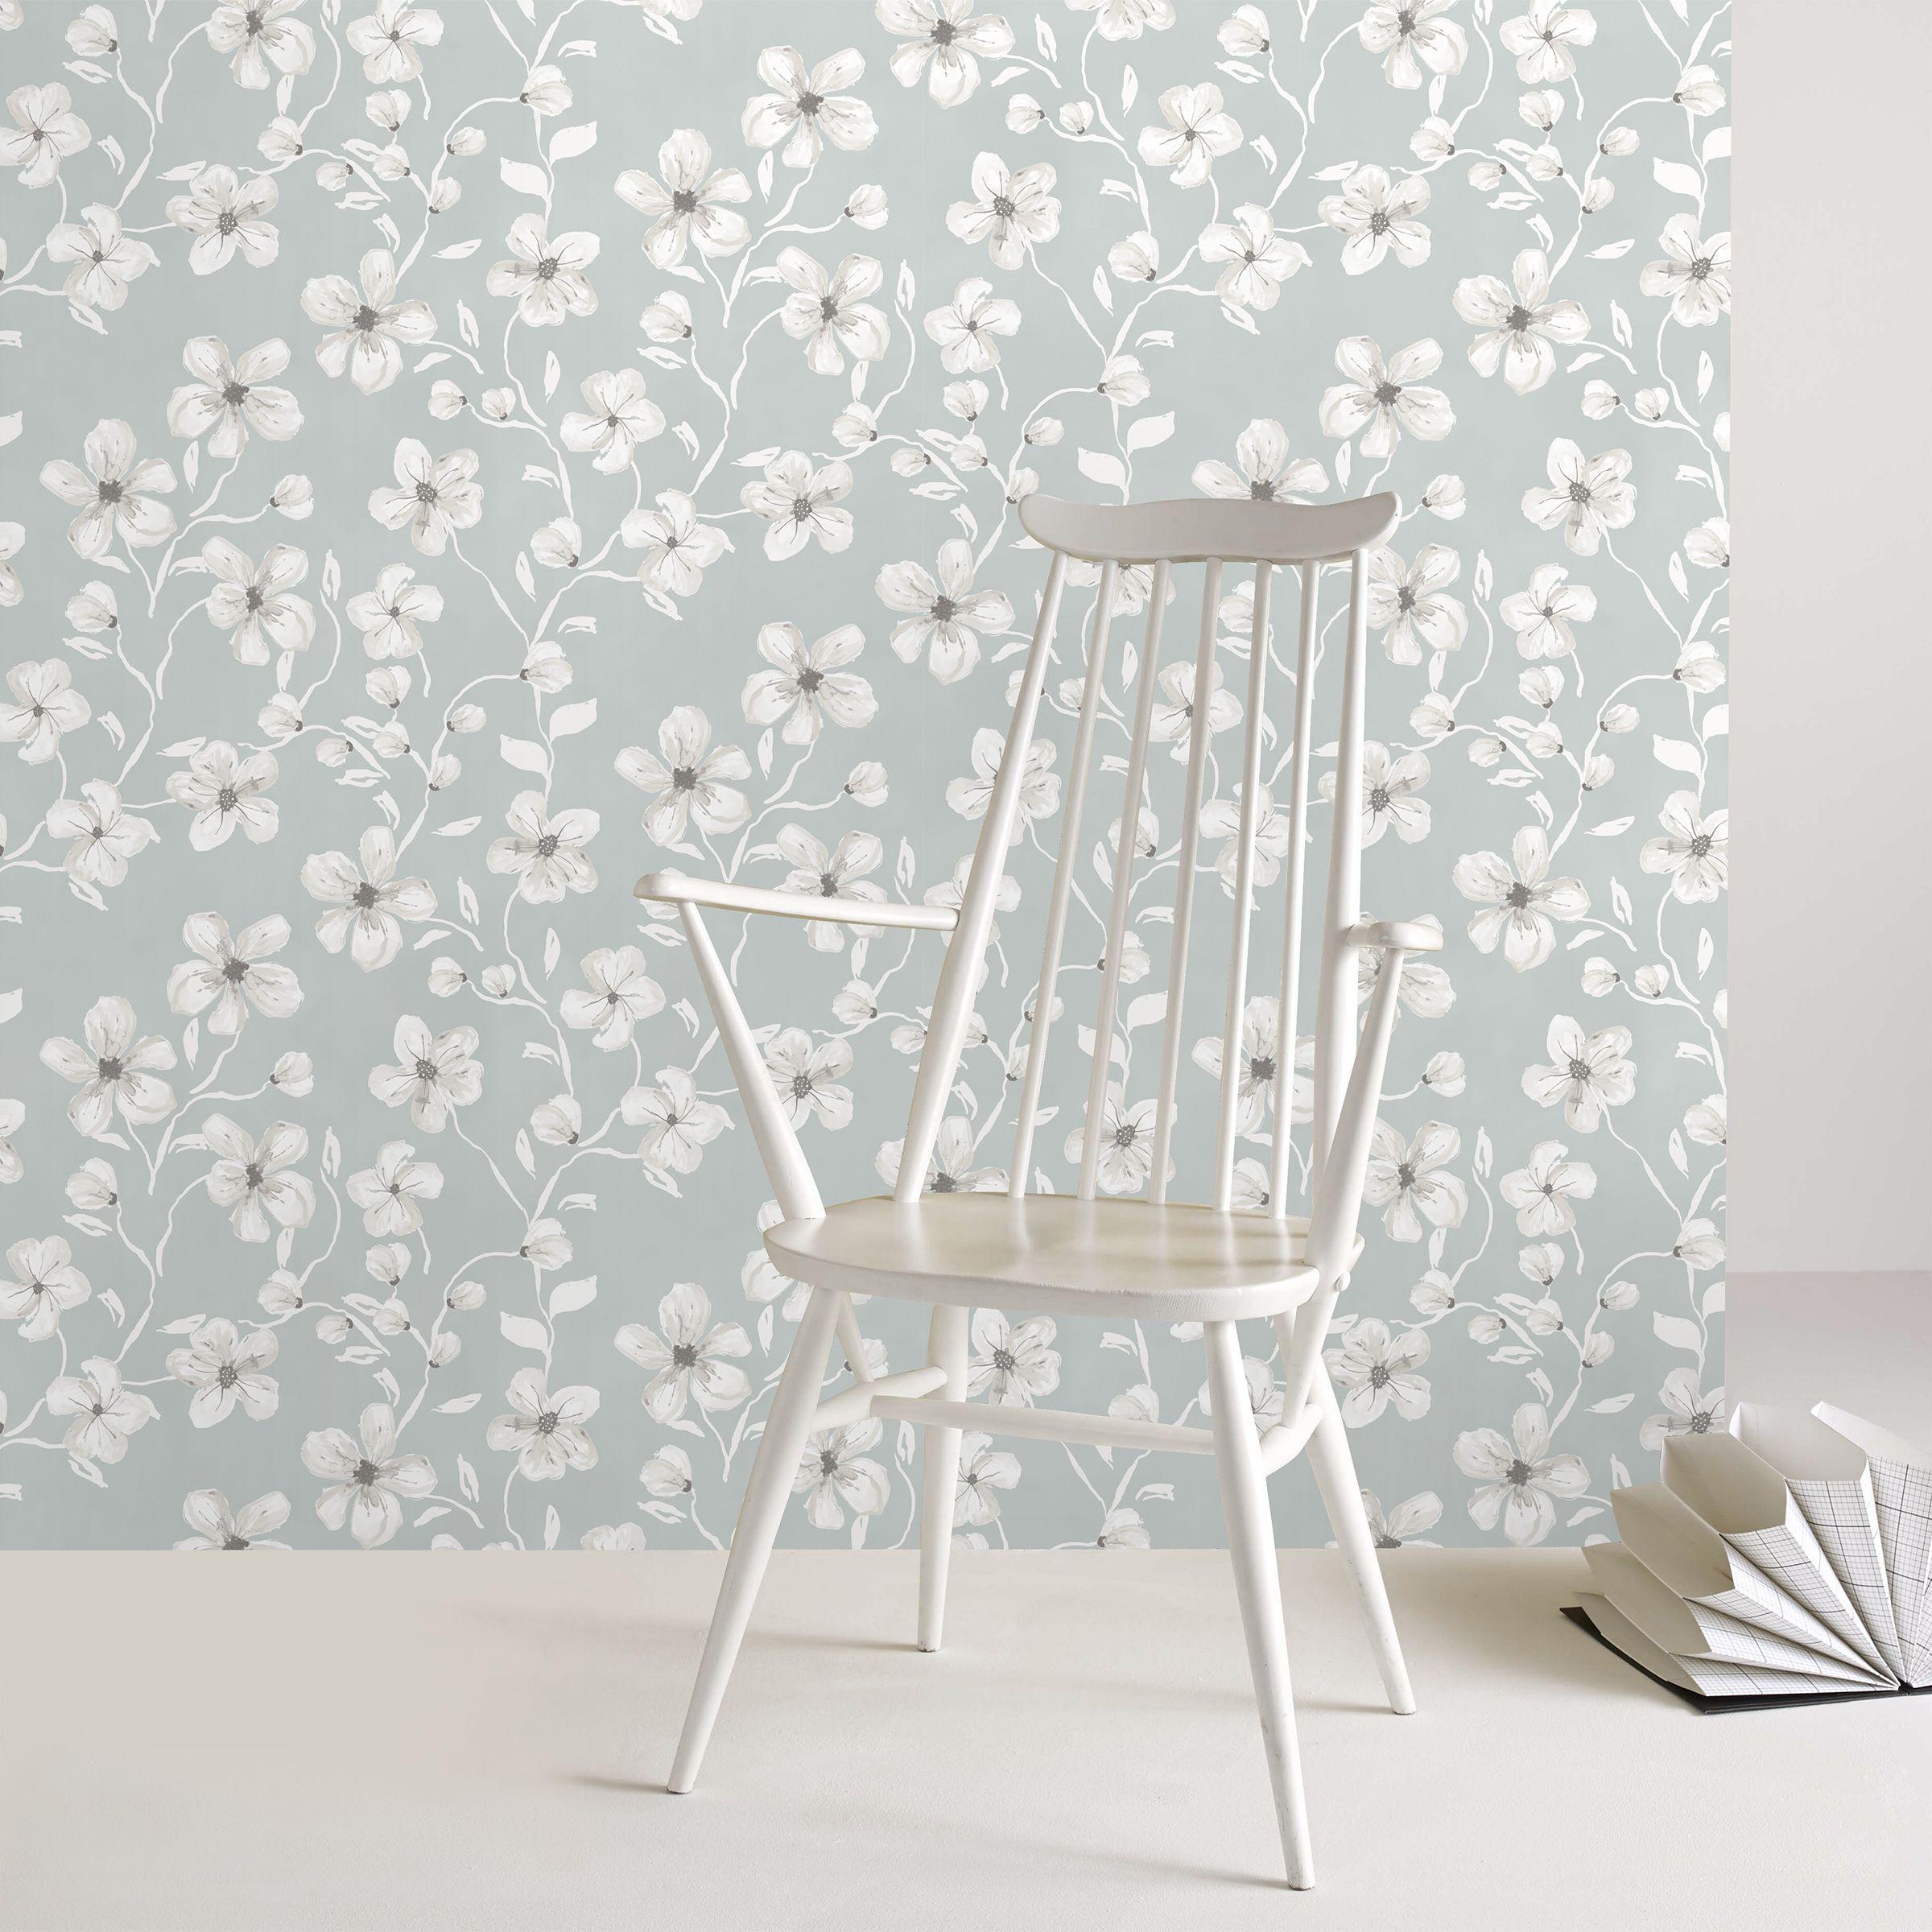 Papier peint intissé fleurs Sophie gris 1005x52cm